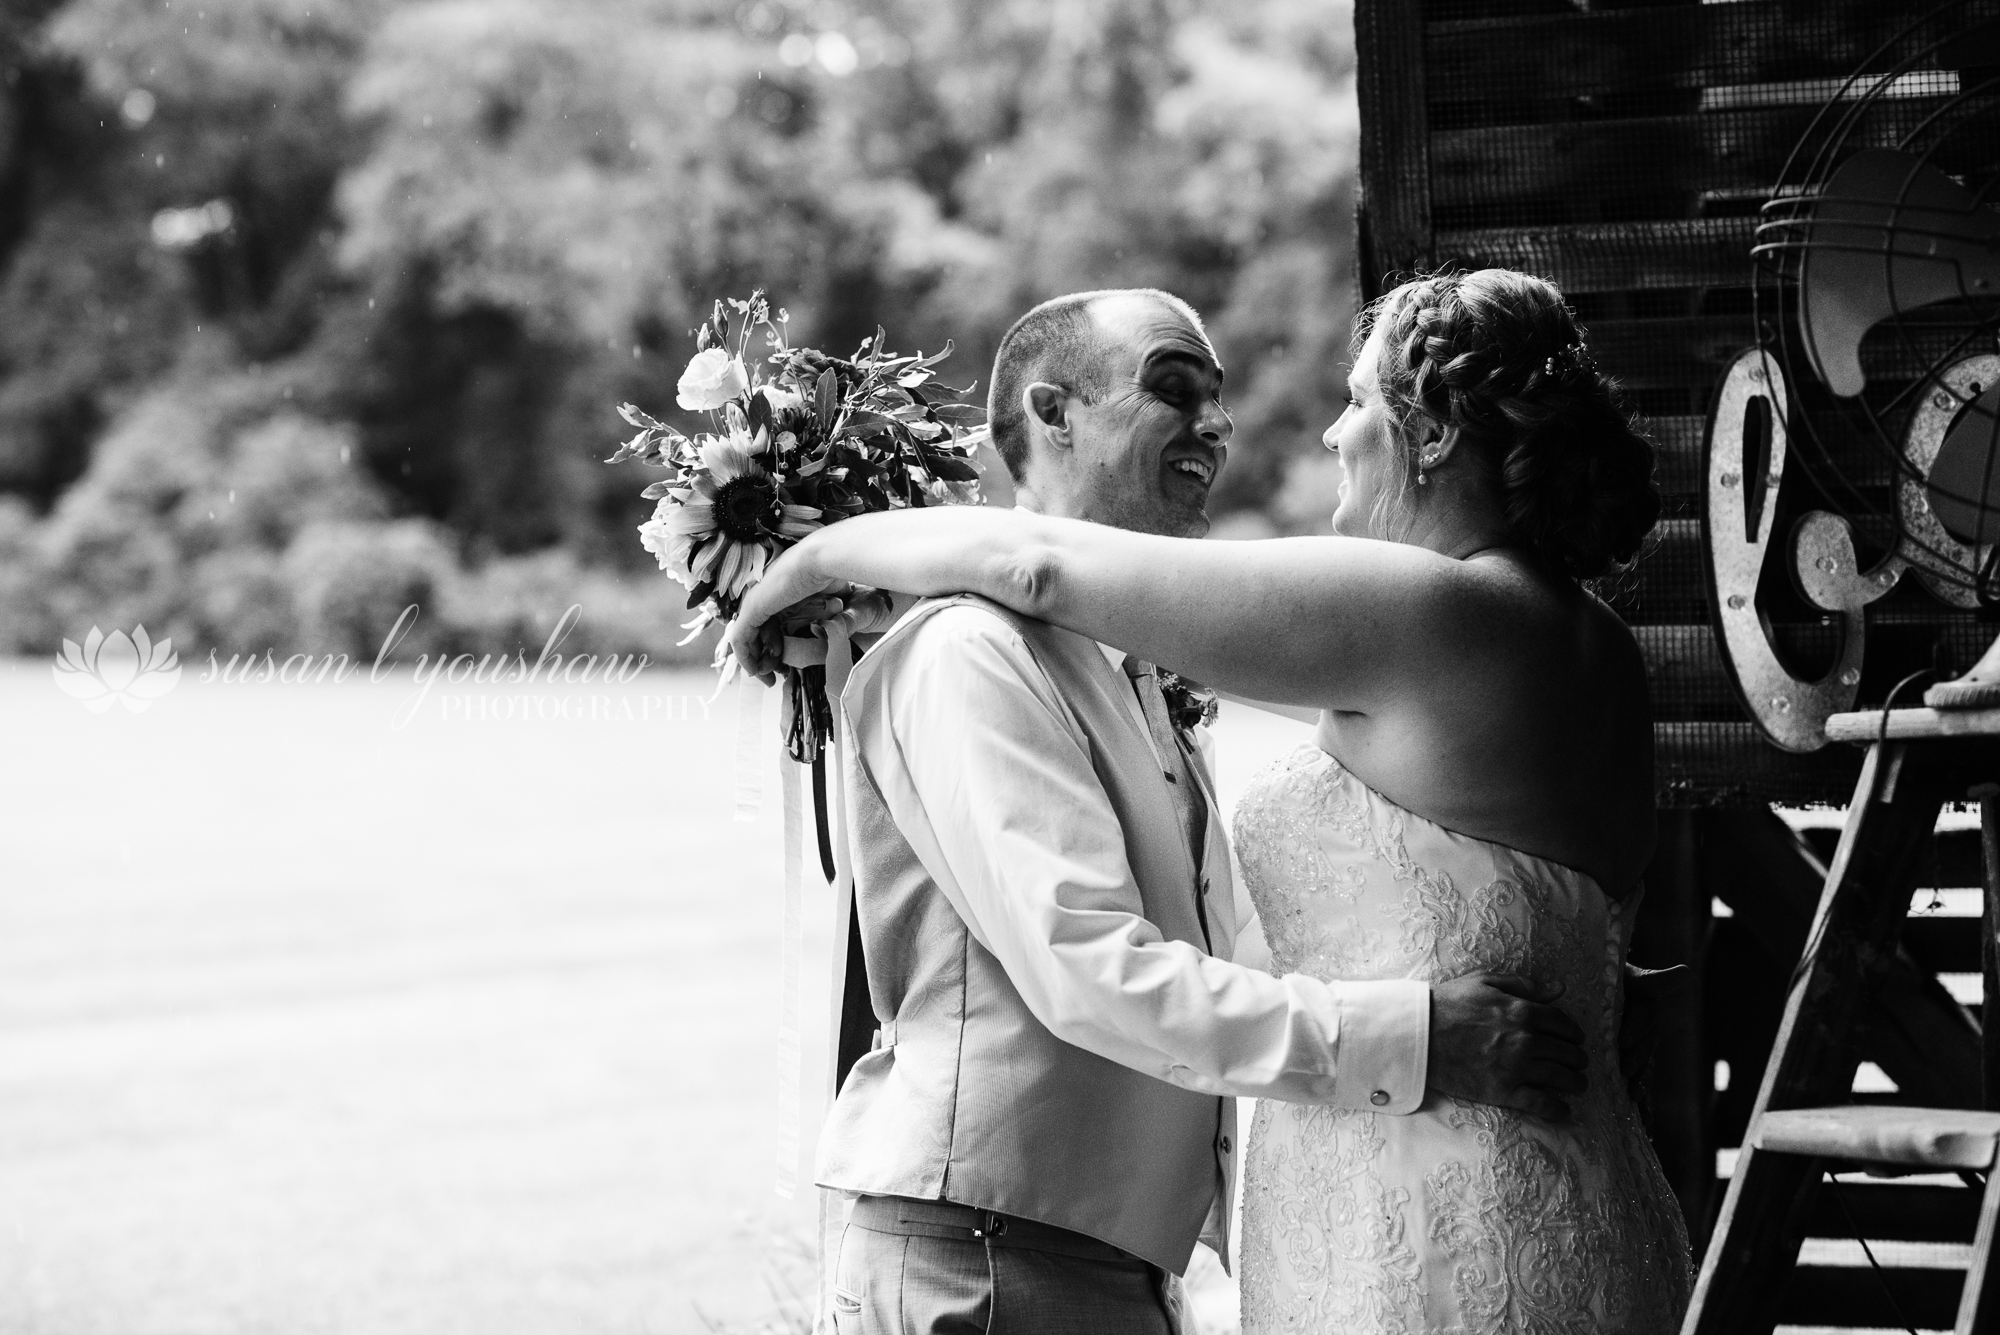 Erin and Jason Wedding Photos 07-06-2019 SLY Photography-129.jpg